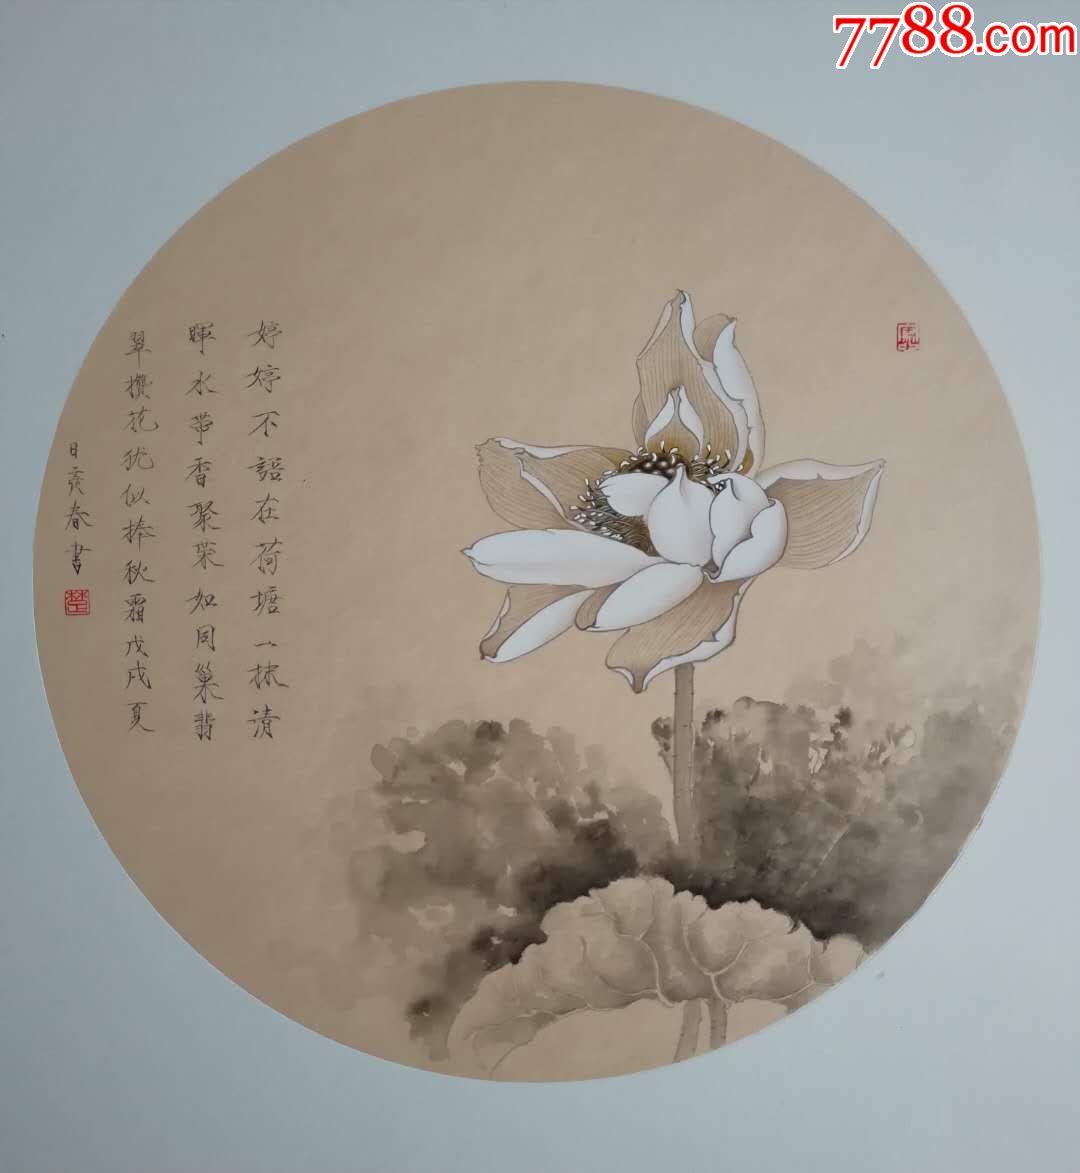 纯手绘工笔画花鸟扇面楚彦春50x50cm